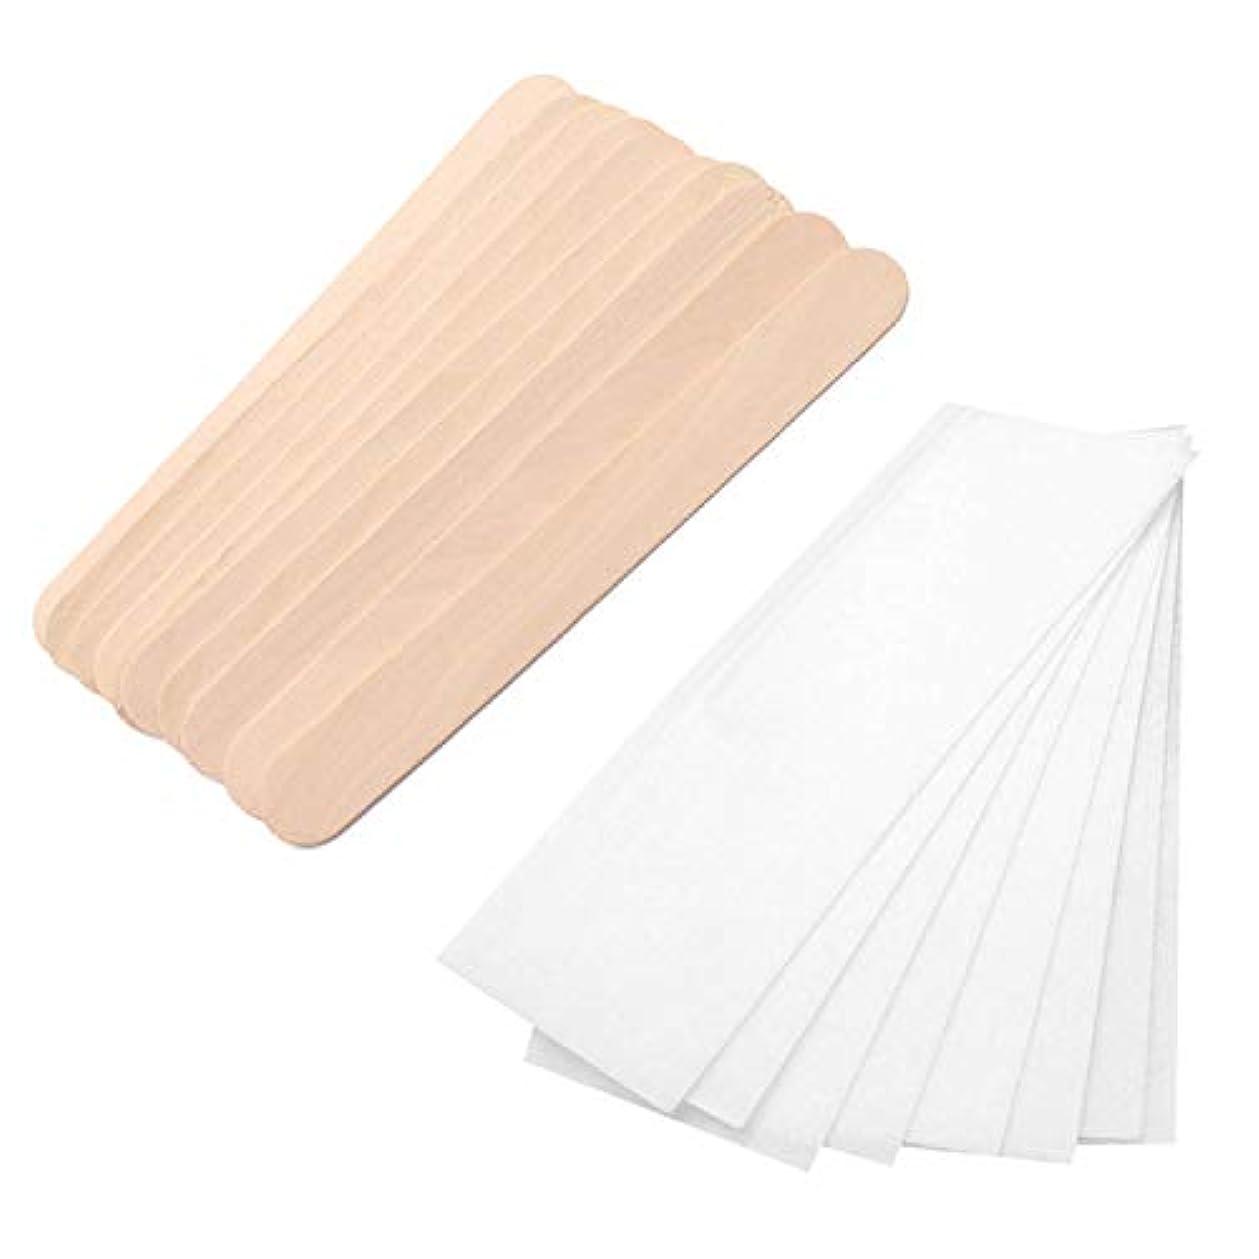 昆虫を見る可決るMigavann 100個木製ワックススティック 使い捨て木製ワックススティックへらアプリケーター 100個不織ワックスストリップ脱毛紙